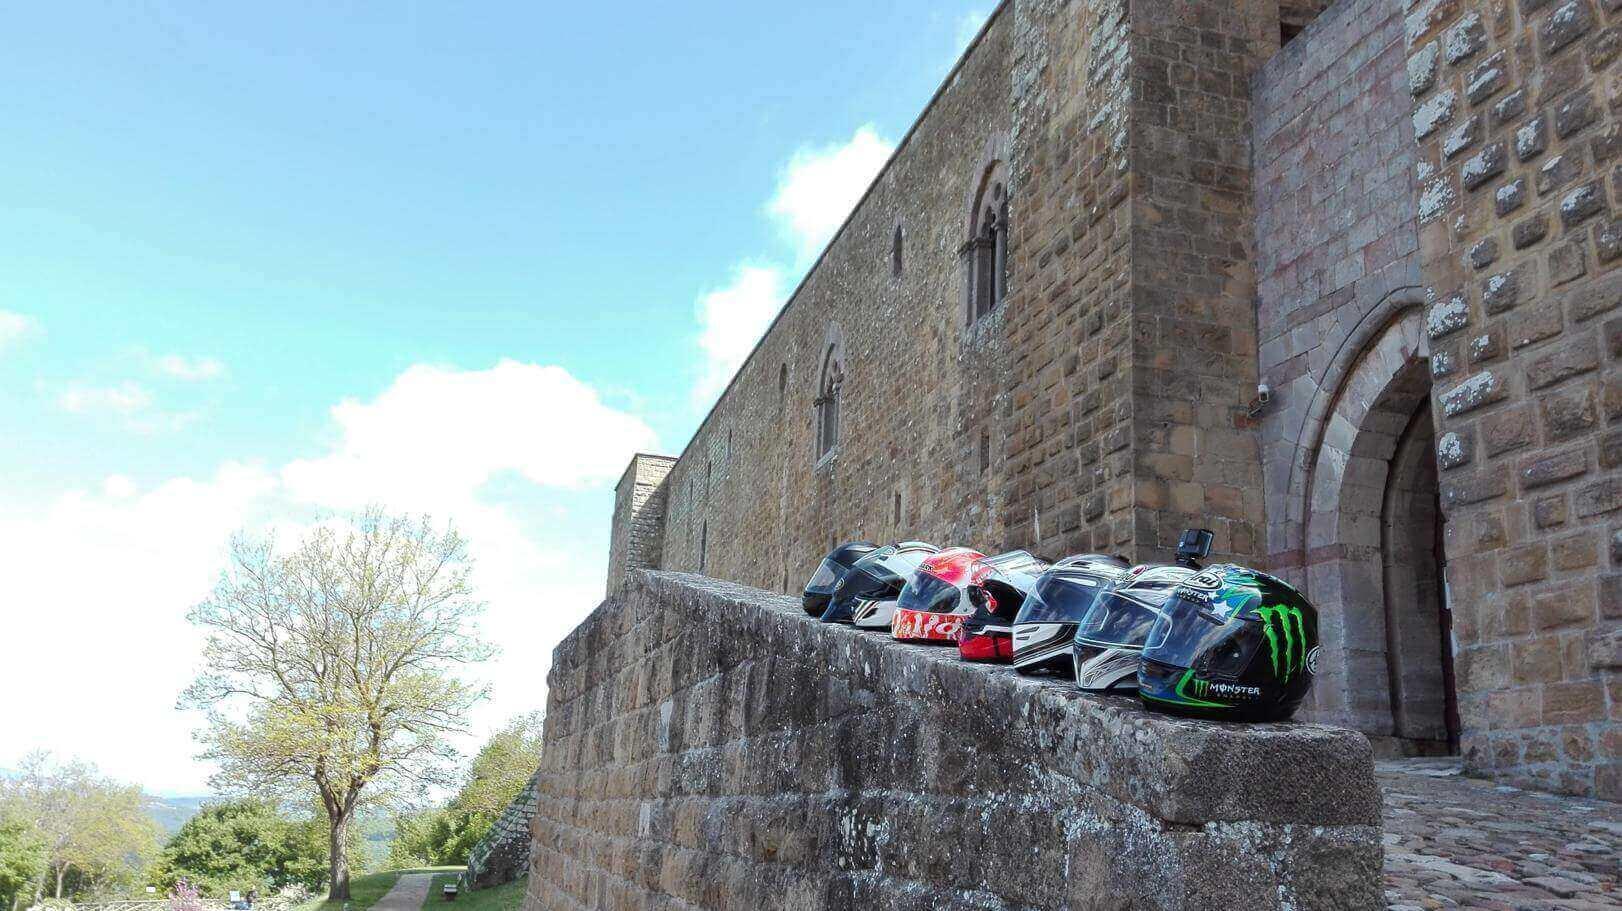 Caschi in fila sul muretto del Castello di Lagopesole